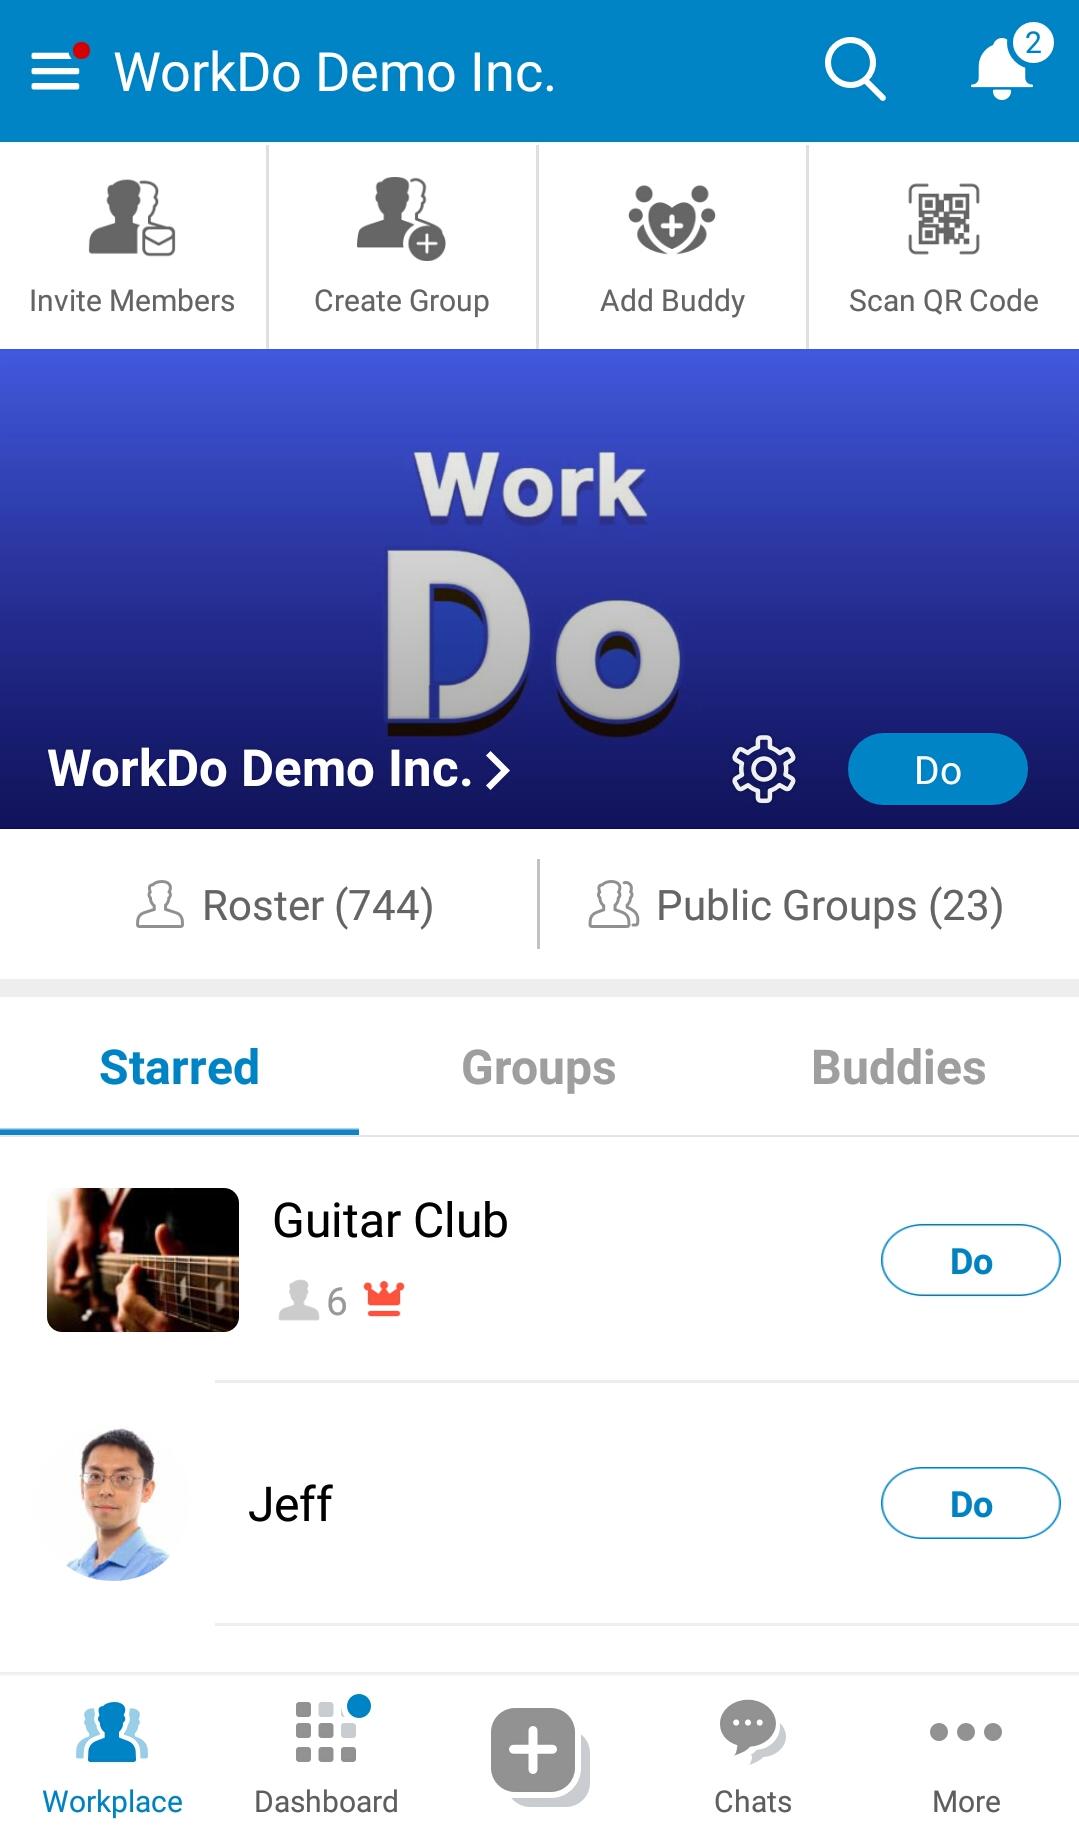 WorkDo, Workplace